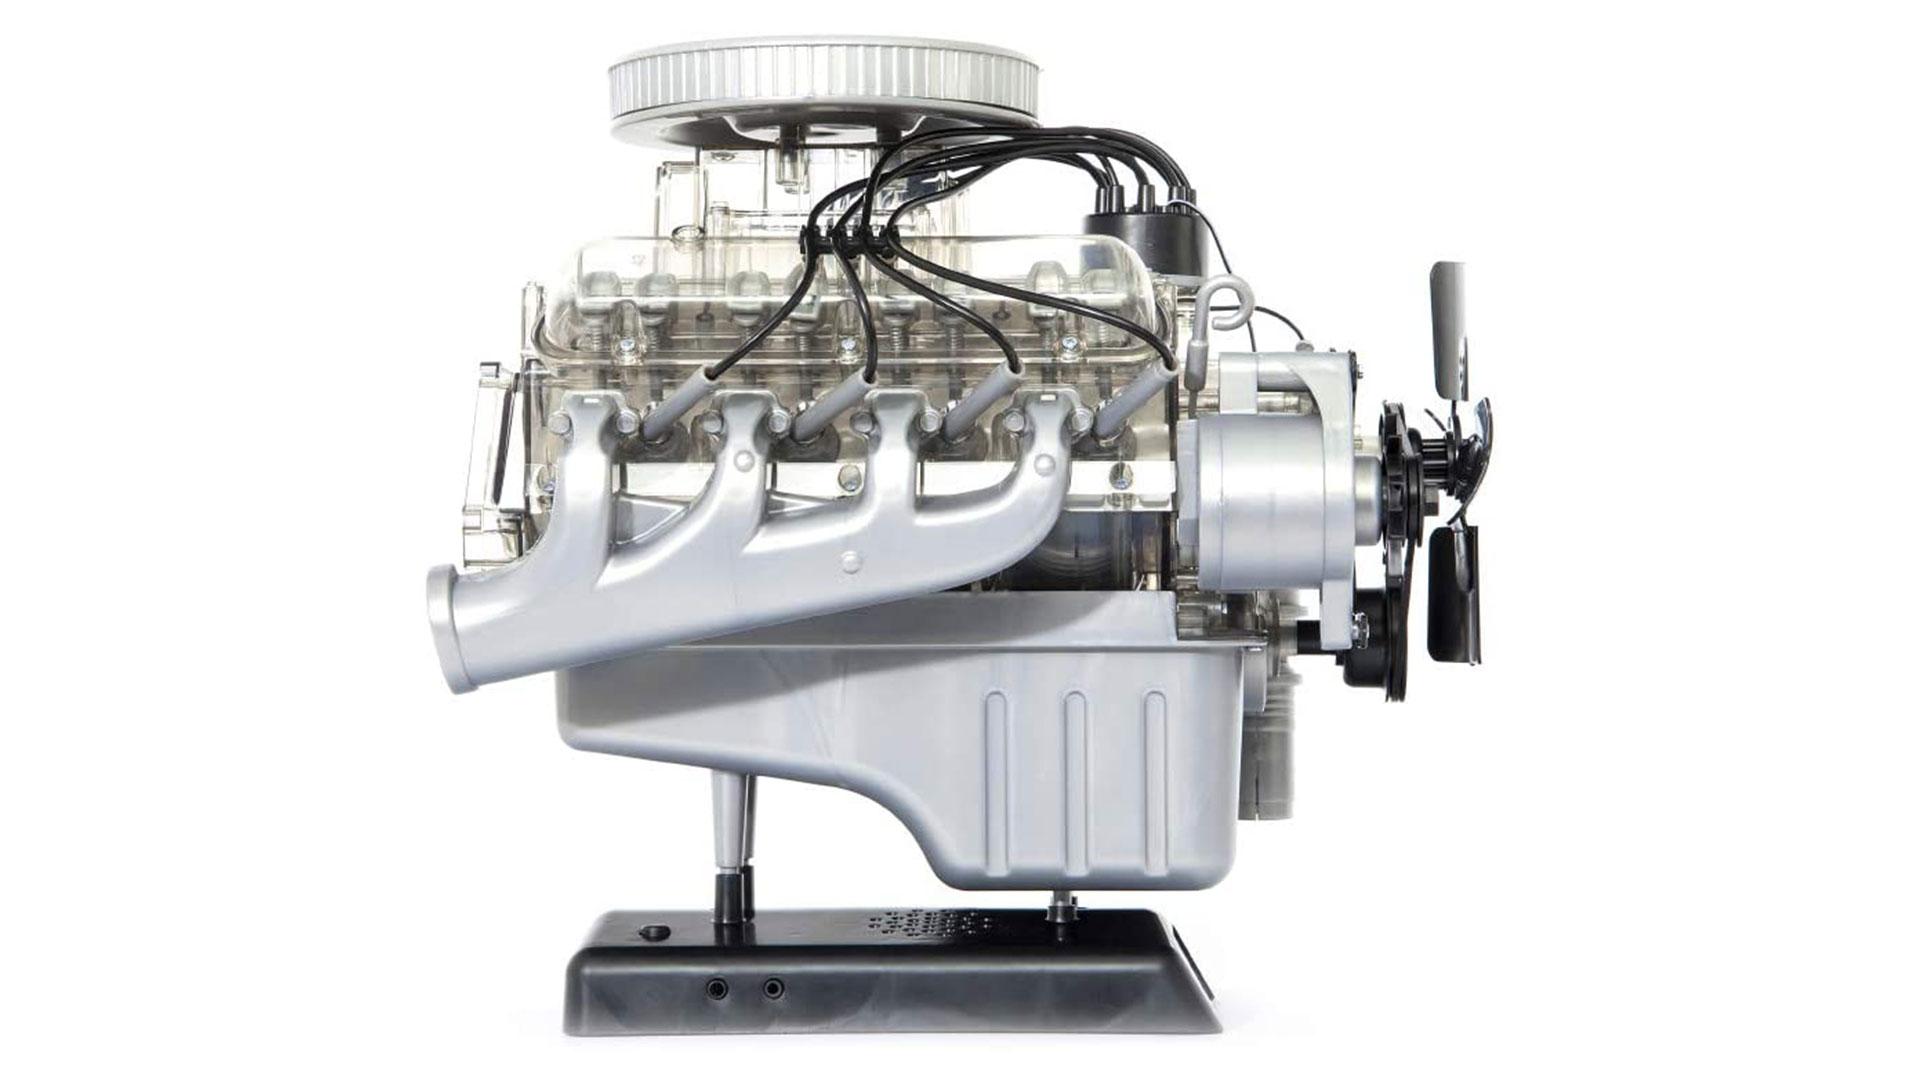 franzis ford mustang v8 model engine